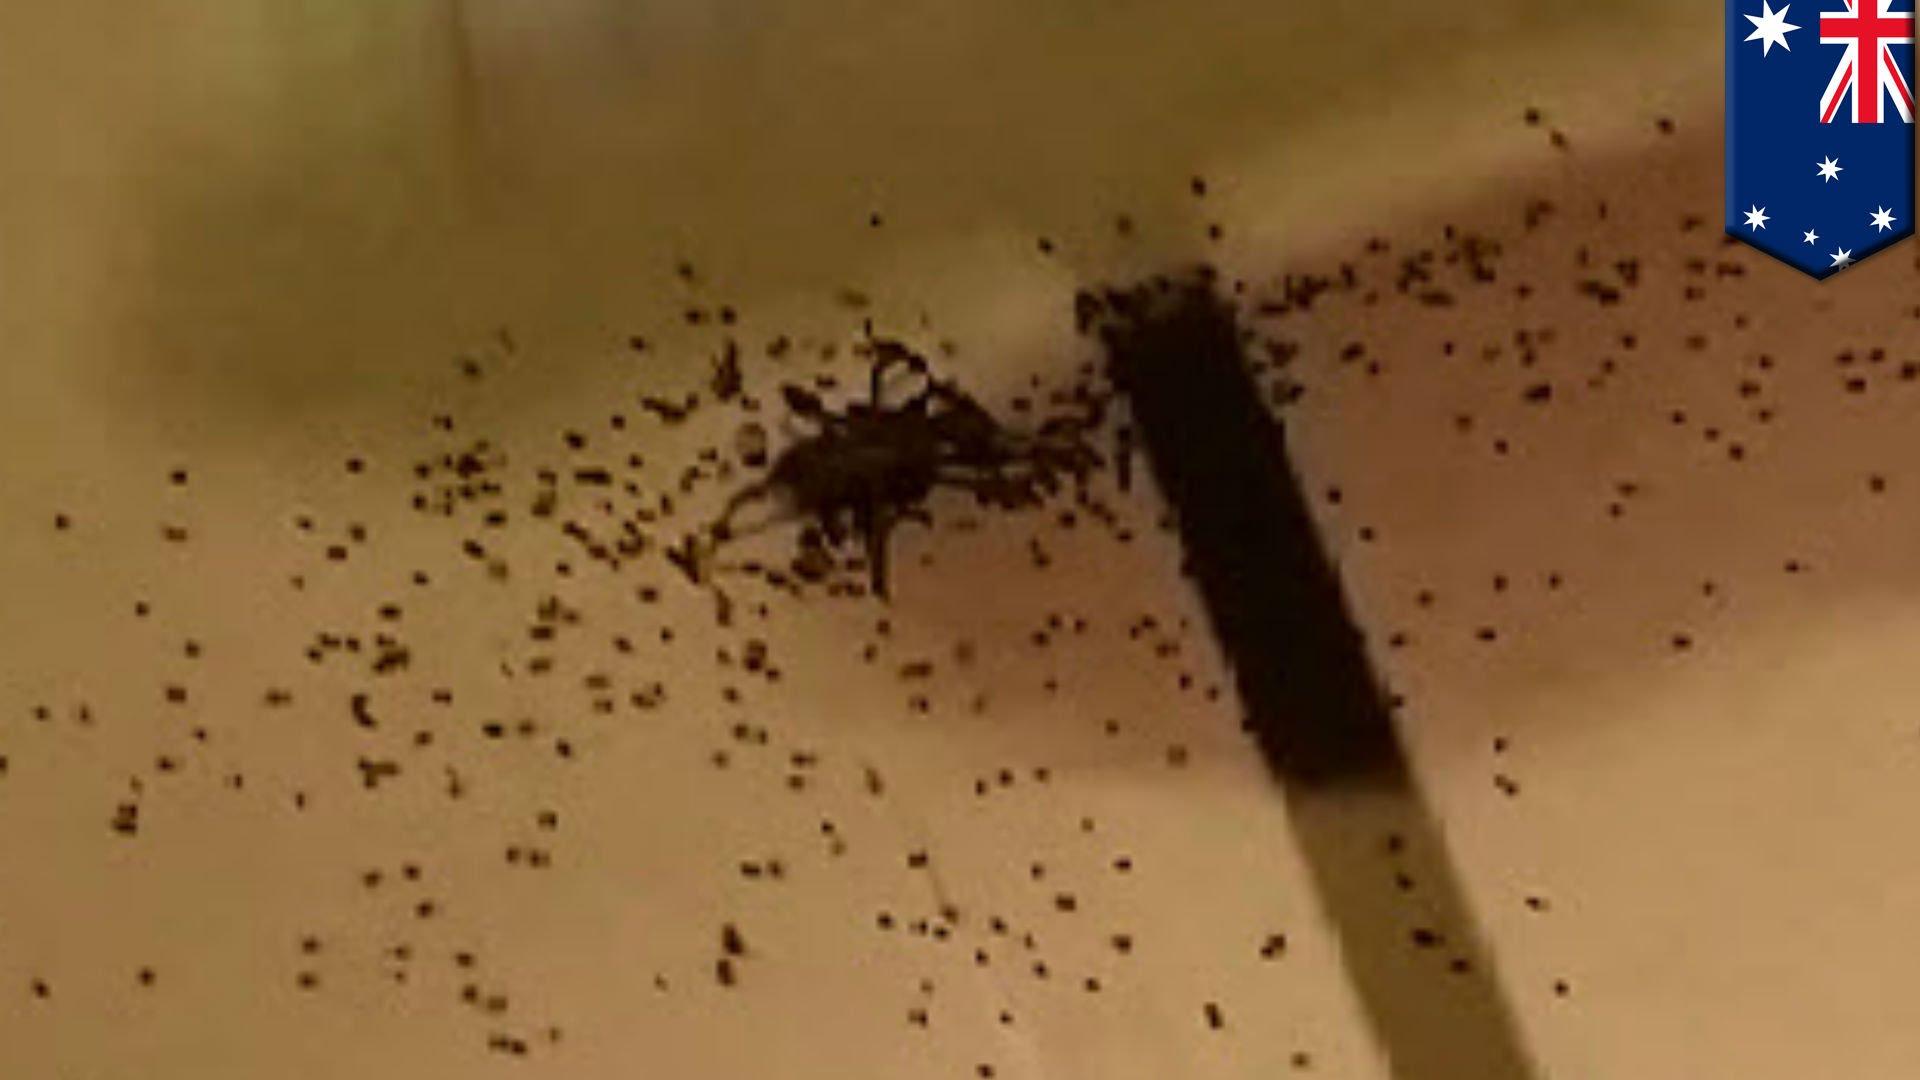 【閲覧注意】蜘蛛を退治しようと叩き潰したら大量の赤ちゃんが……